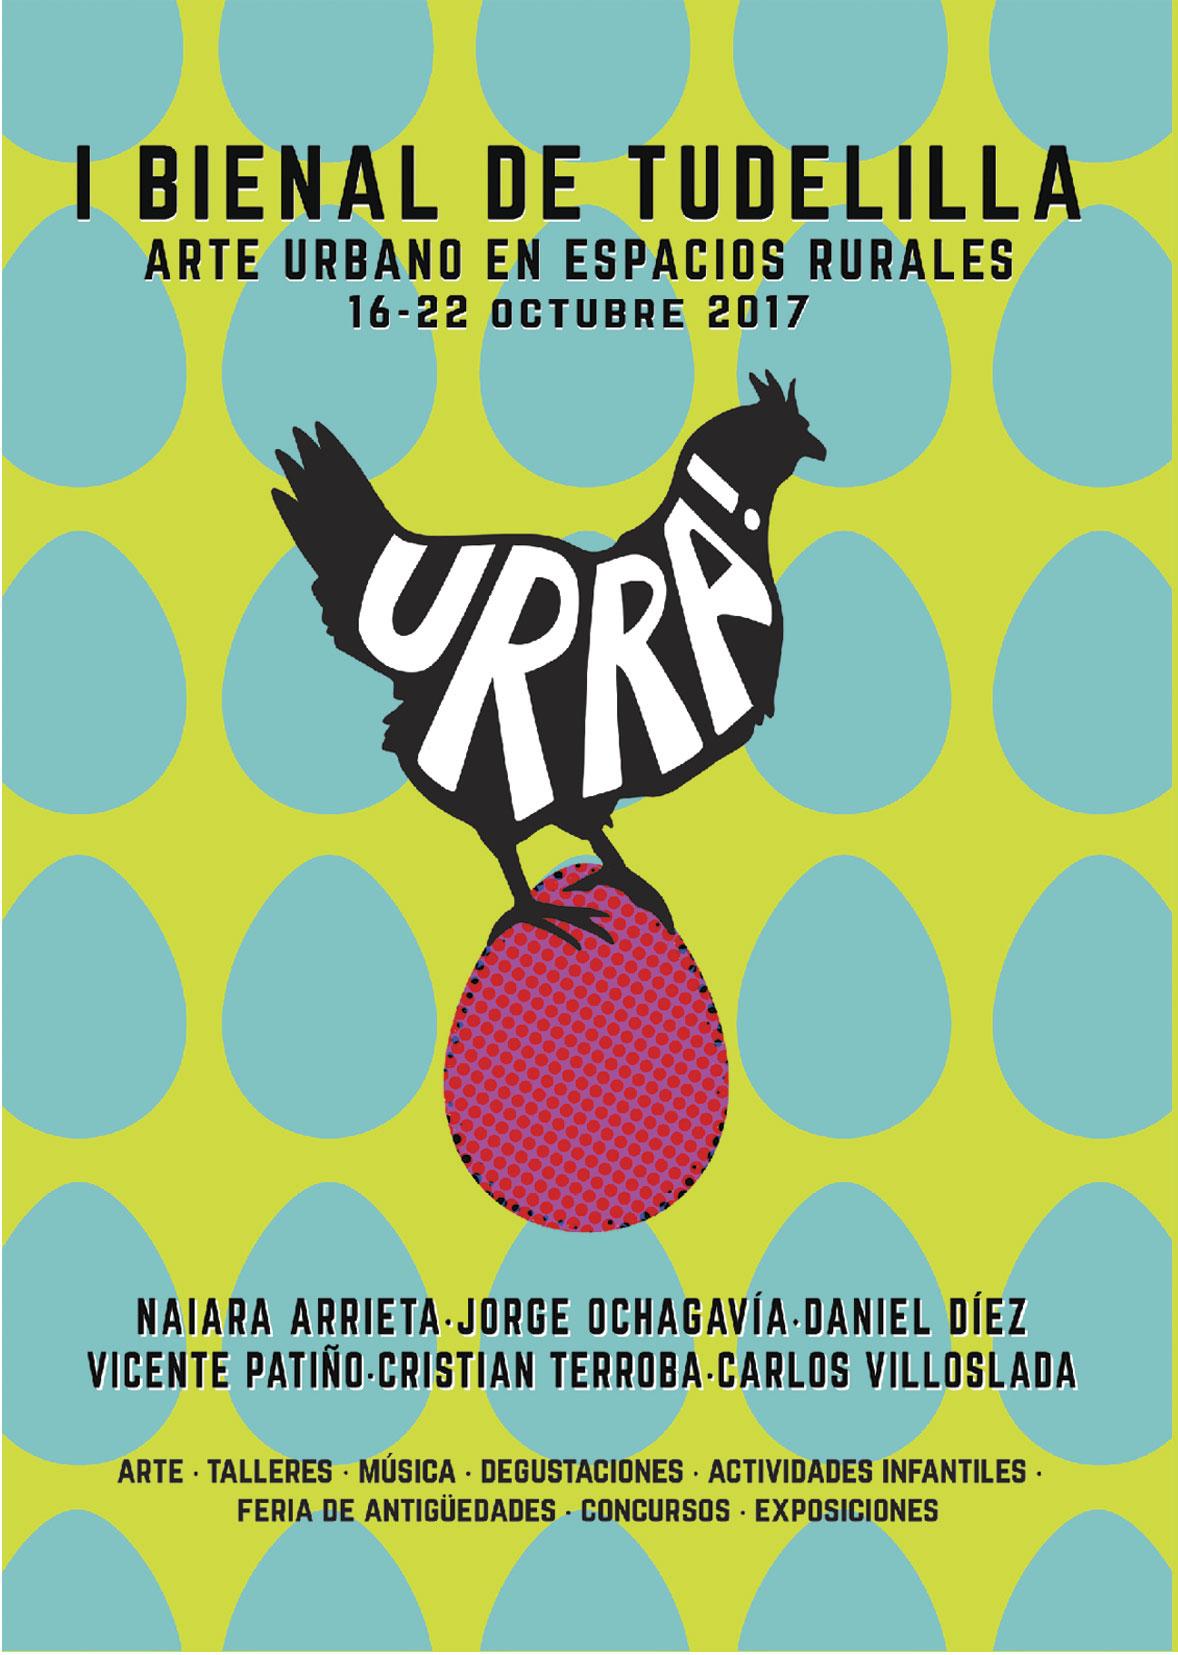 URRA! taller Recicla con Arte